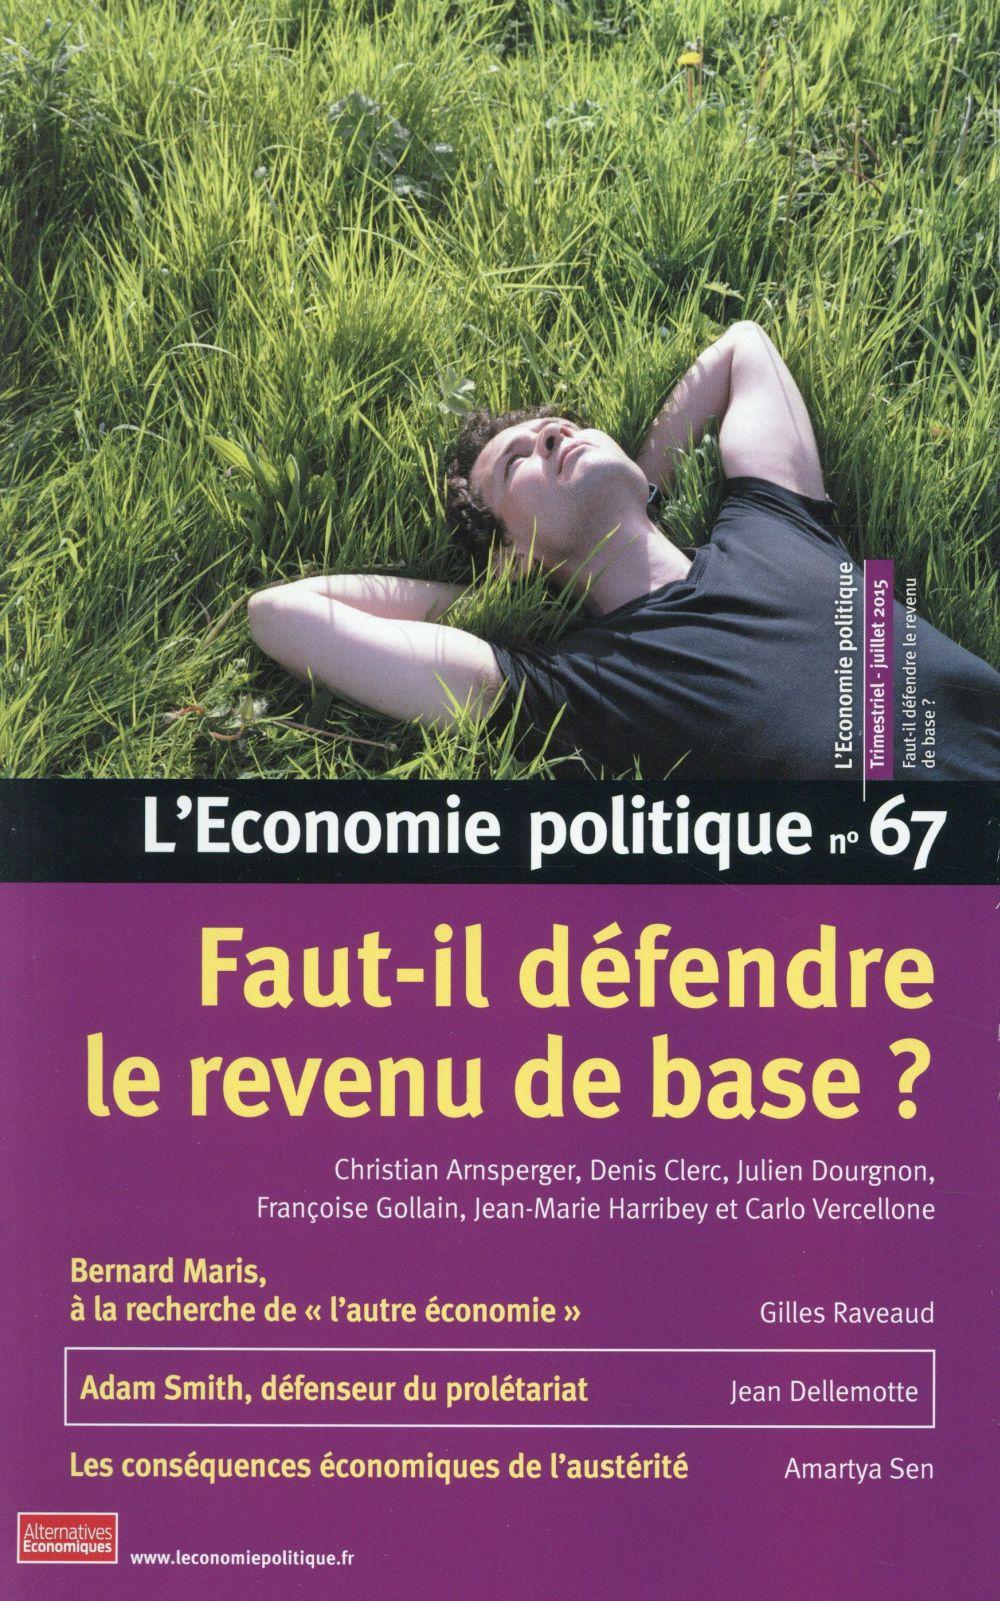 L'ECONOMIE POLITIQUE - NUMERO 67 - REVUE TRIMESTRIELLE